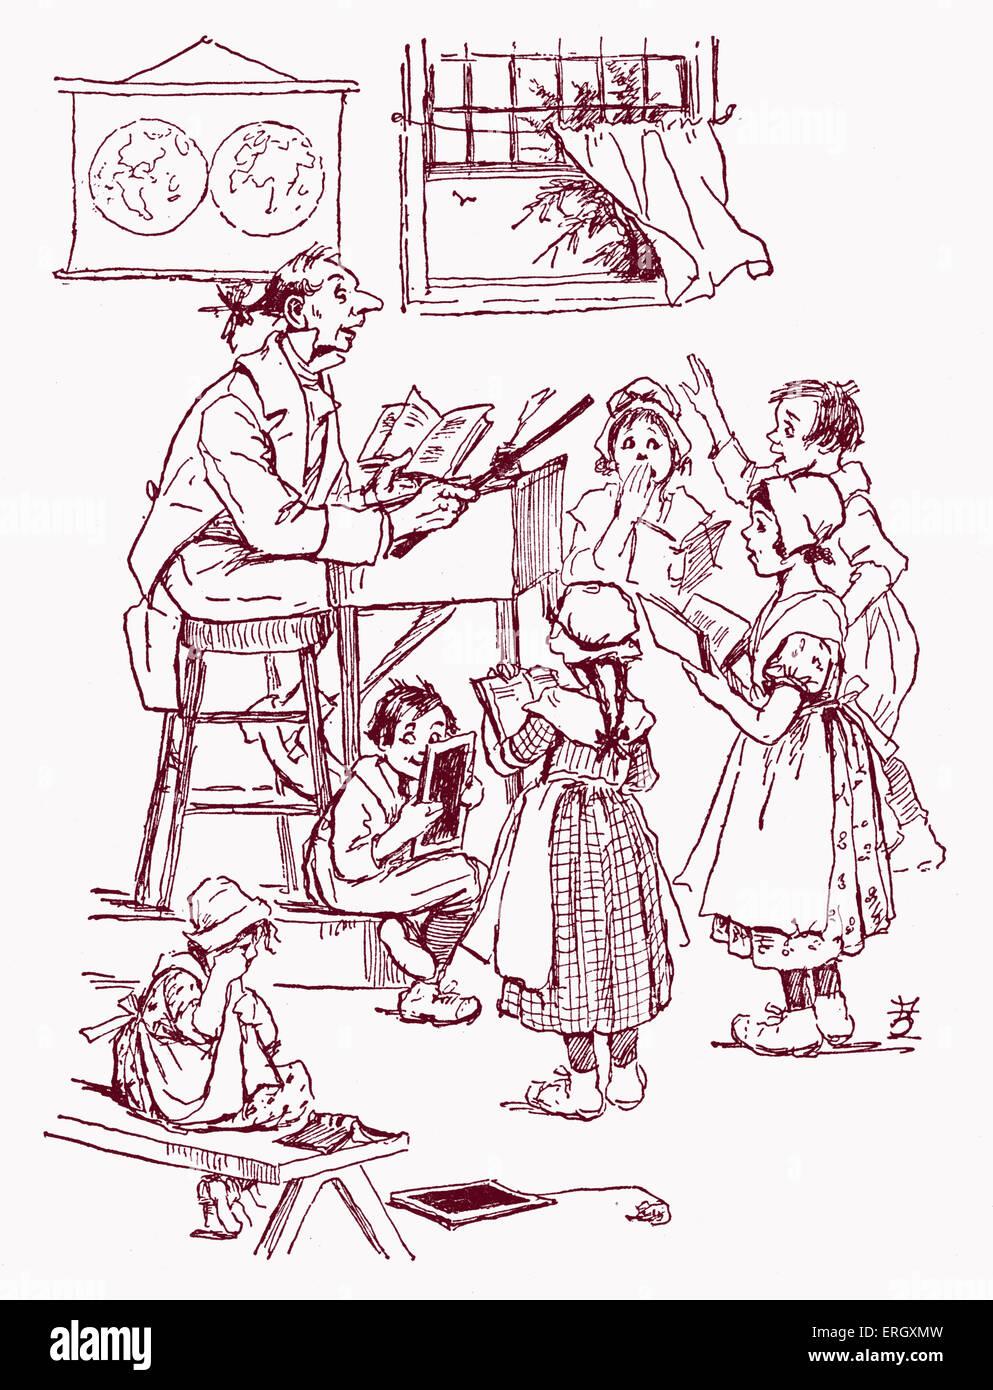 """'La légende de Sleepy Hollow"""" de Washington Irving. Sous-titre suivant: """"les étudiants Photo Stock"""